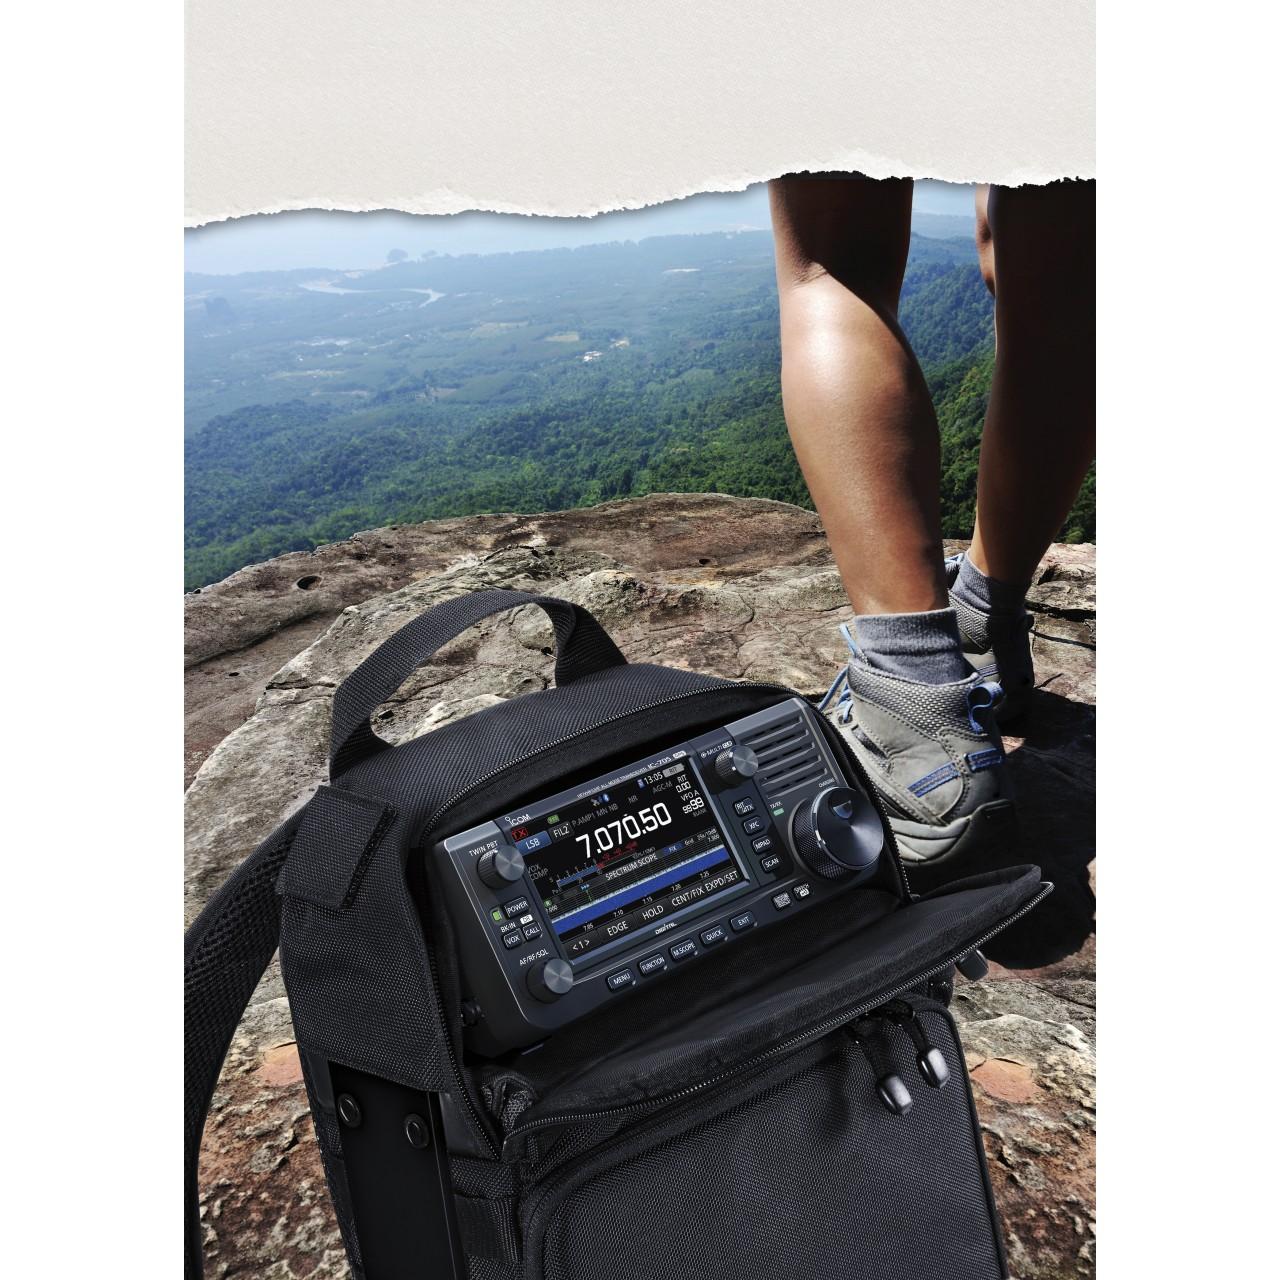 IC-705 à la montagne